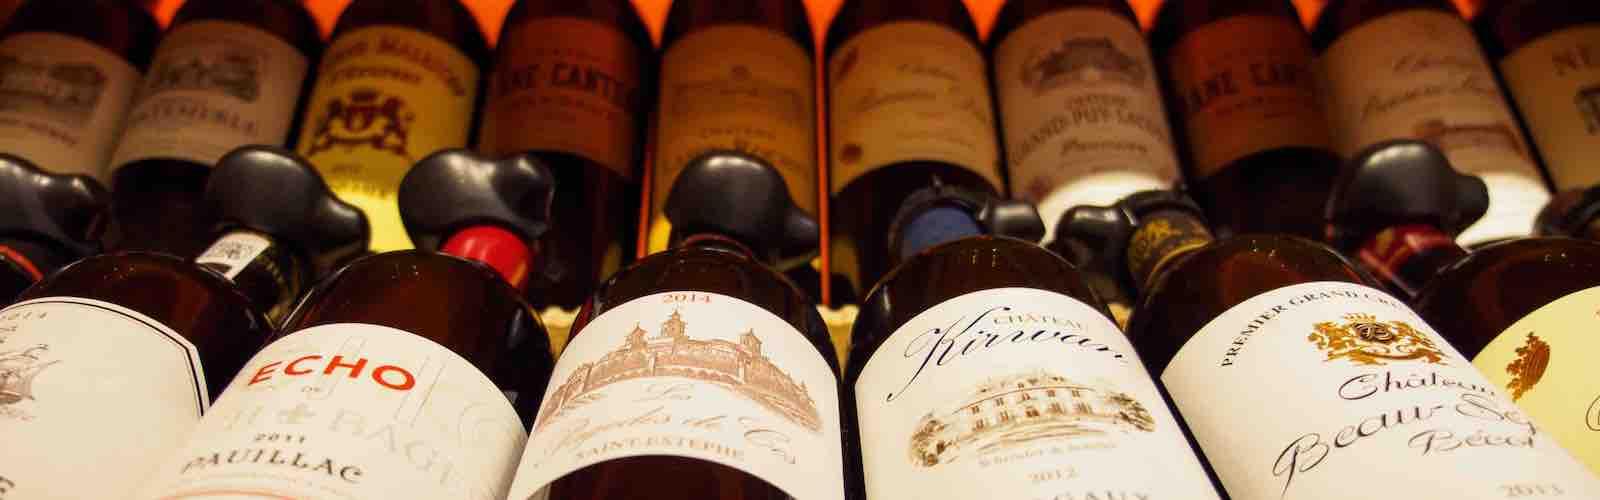 CCC Négociant en vin de Bordeaux Les vins